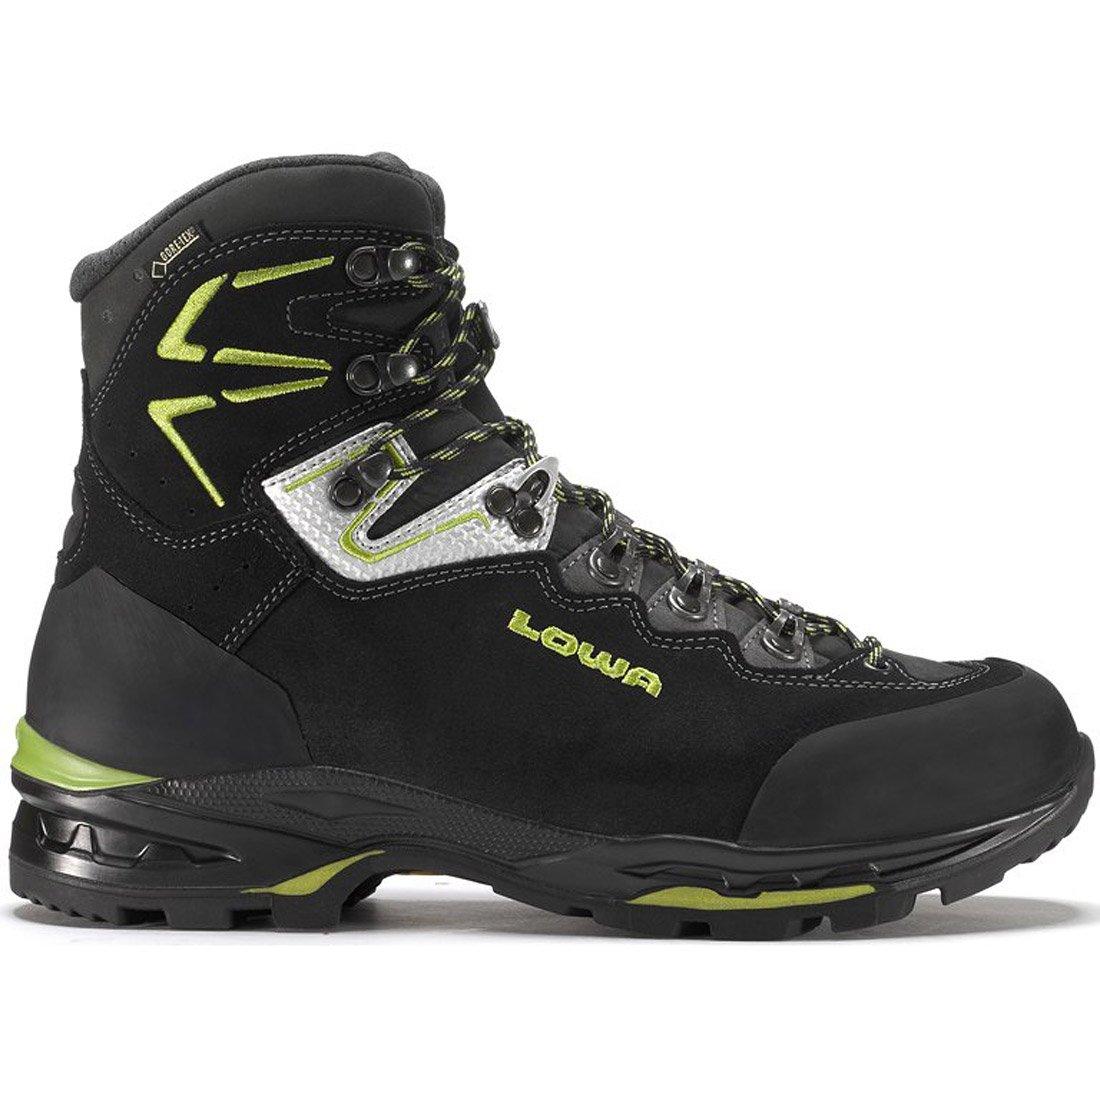 נעלי טרקים לגברים - Ticam II GTX - Lowa